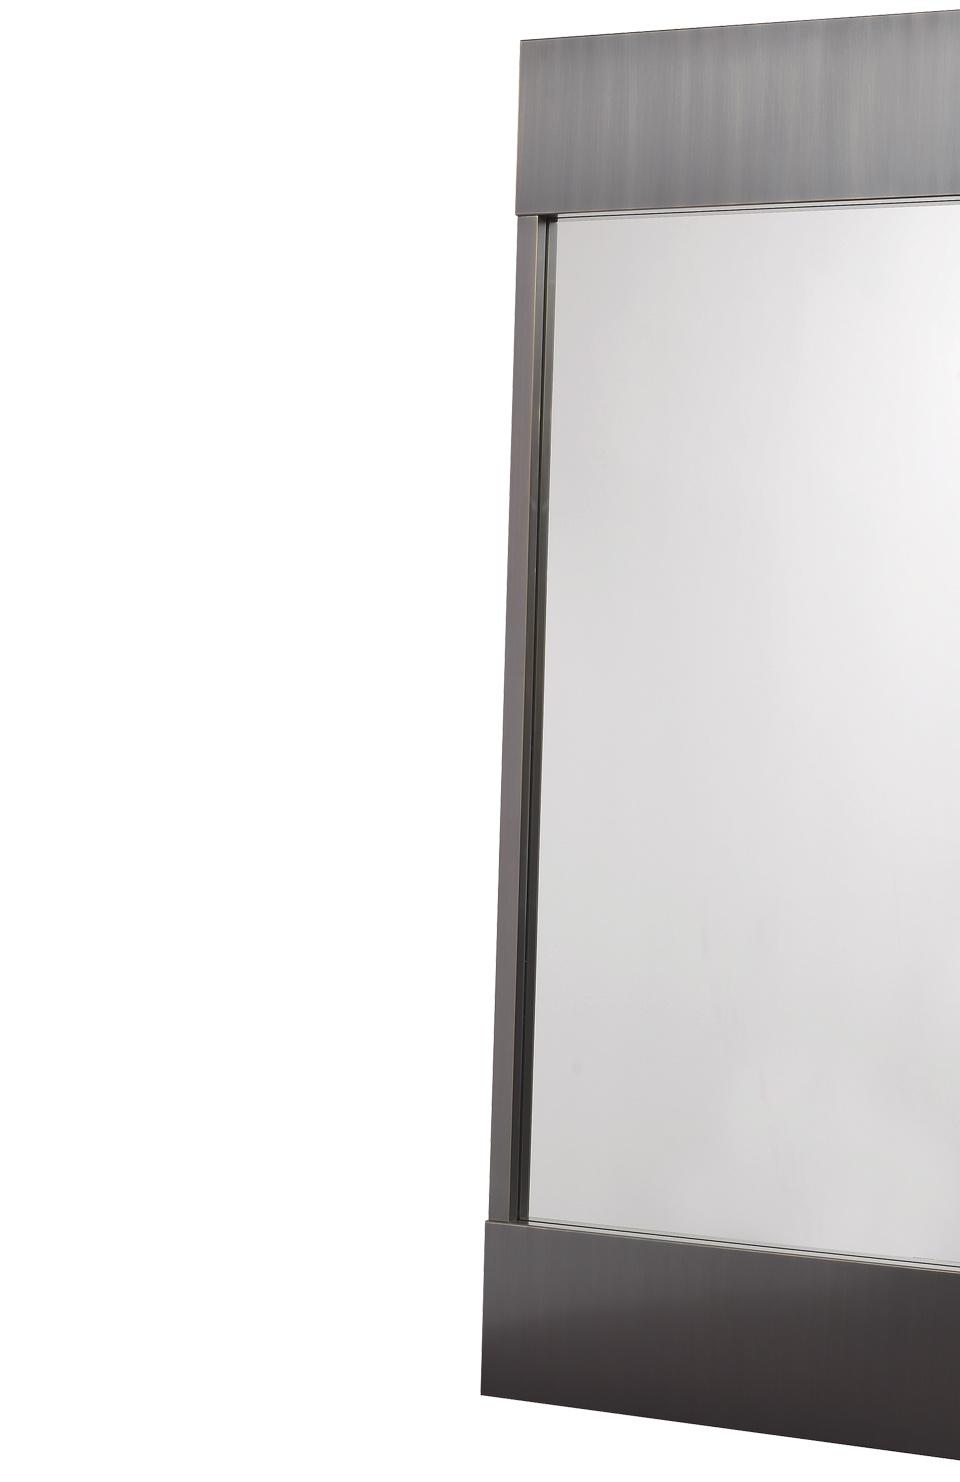 Euridice挂镜采用简约设计和青铜结构,请参见Promemoria产品目录 Promemoria